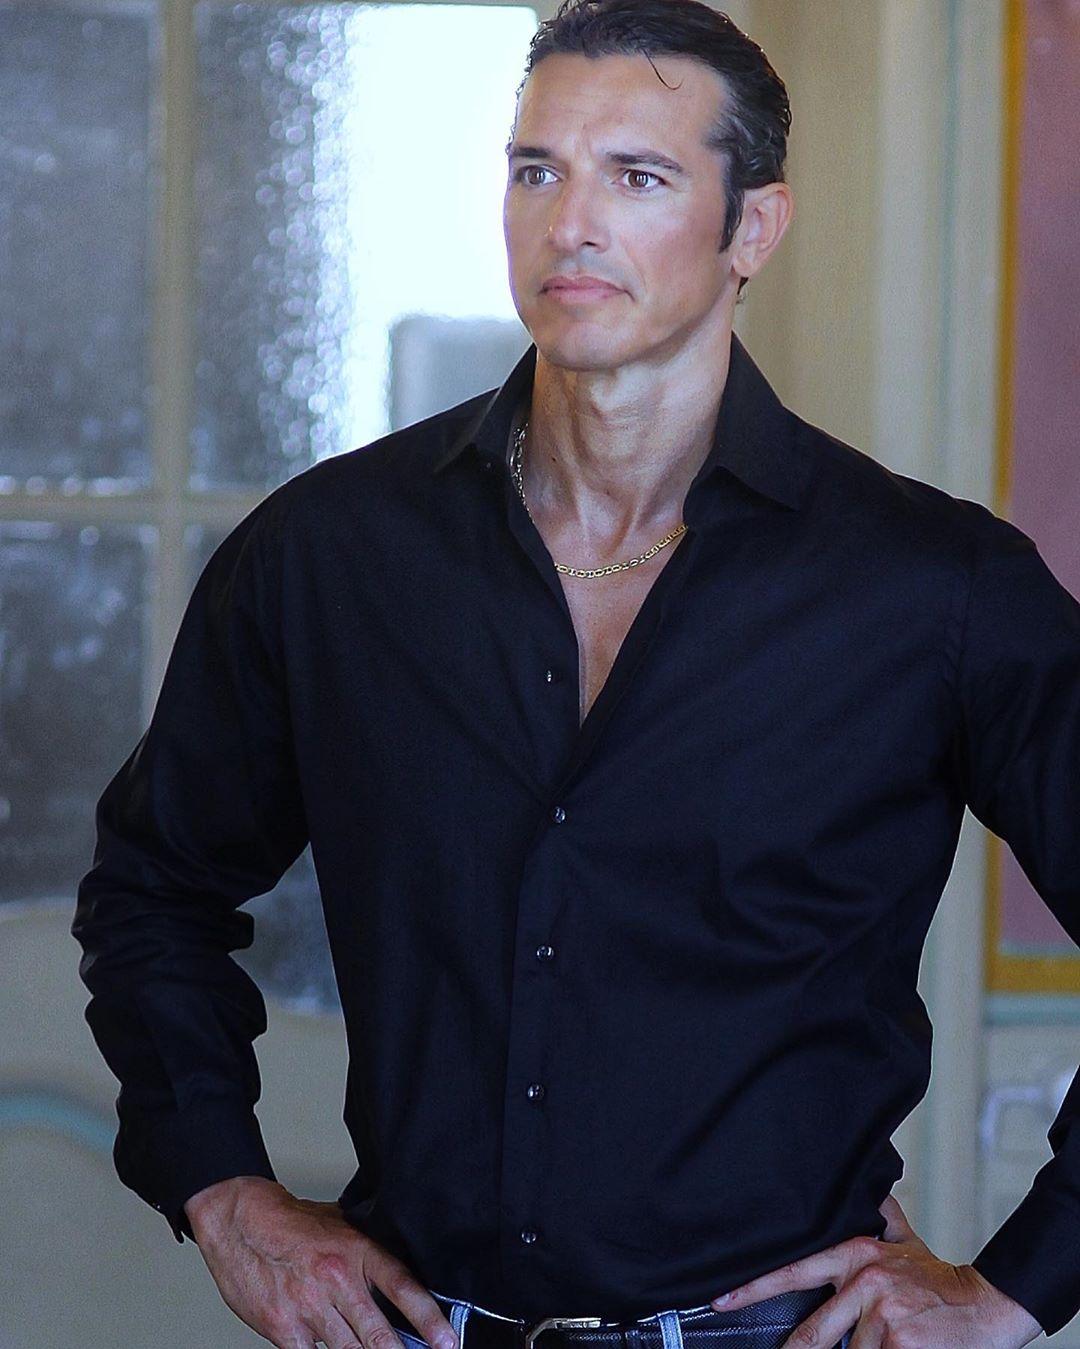 David Scarantino, diventa un volto noto della tv grazie alla partecipazione a Uomini e Donne Over